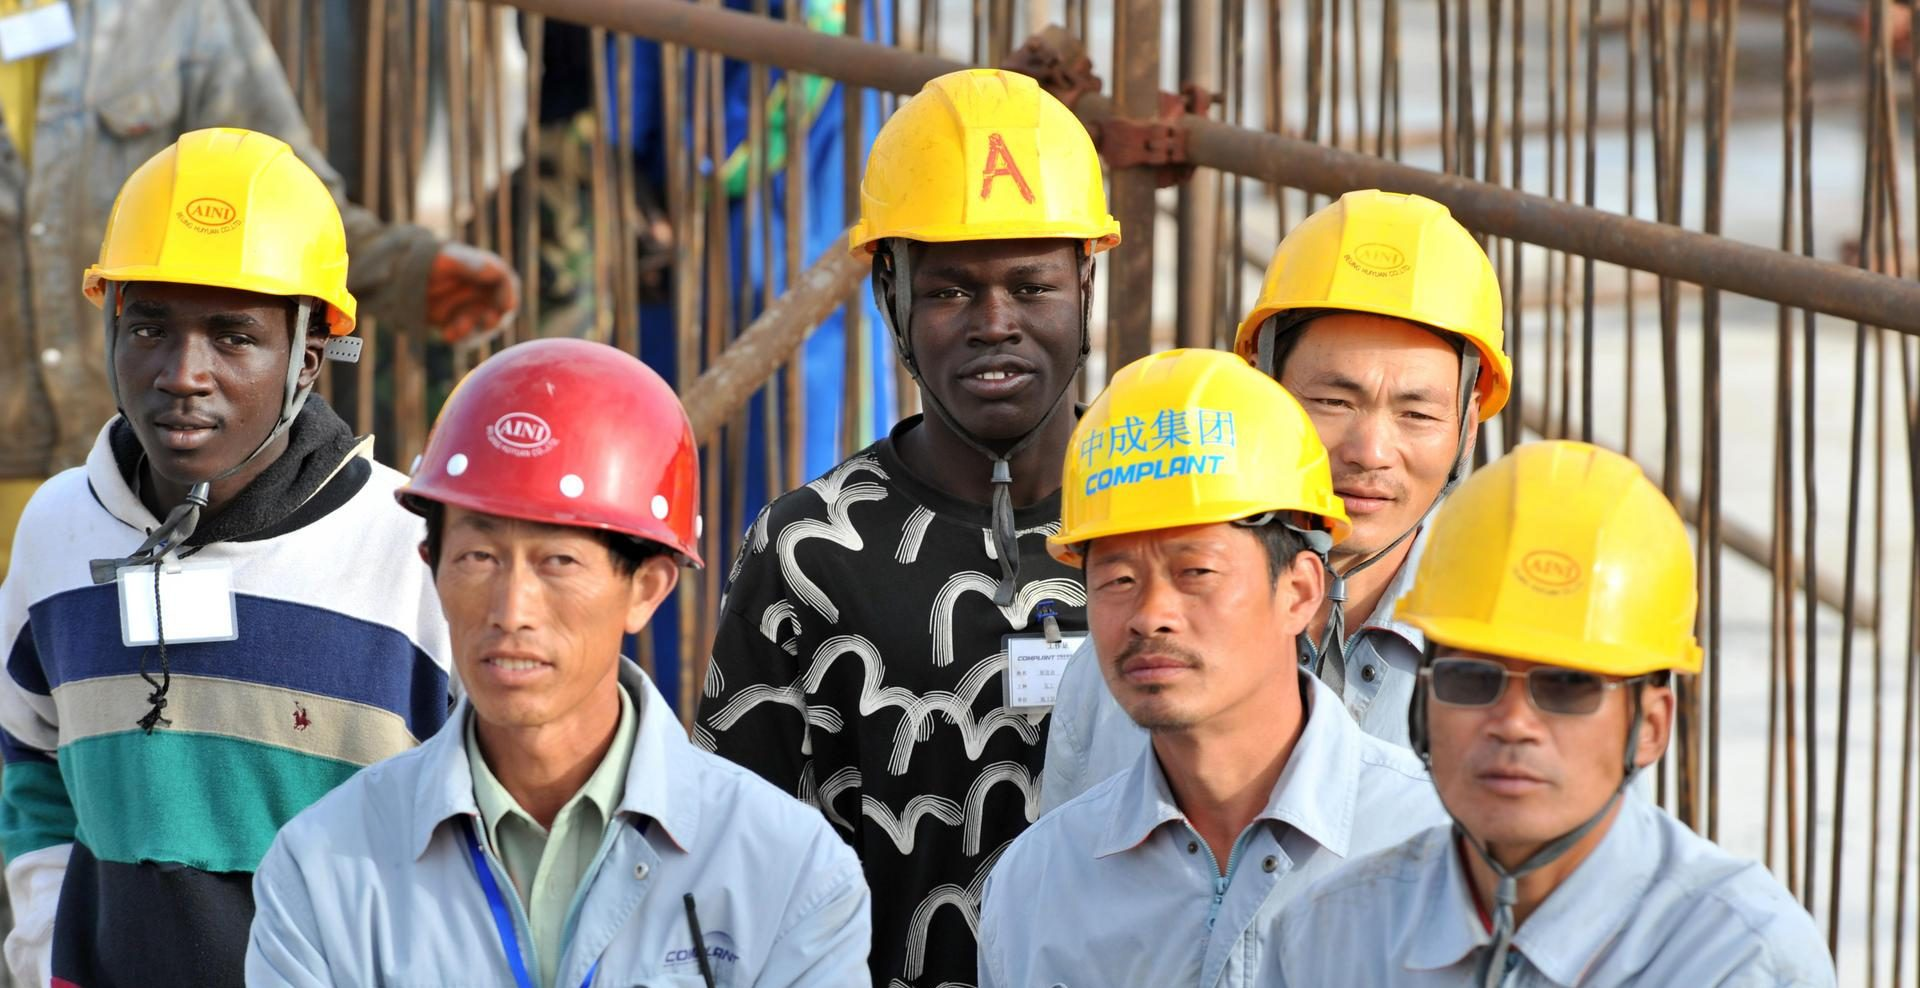 Travailleurs chinois et sénégalais lors d'une cérémonie sur le site de construction du théâtre national, financé par la Chine, à Dakar le 14 février 2009. (Source : Ansetze Were)